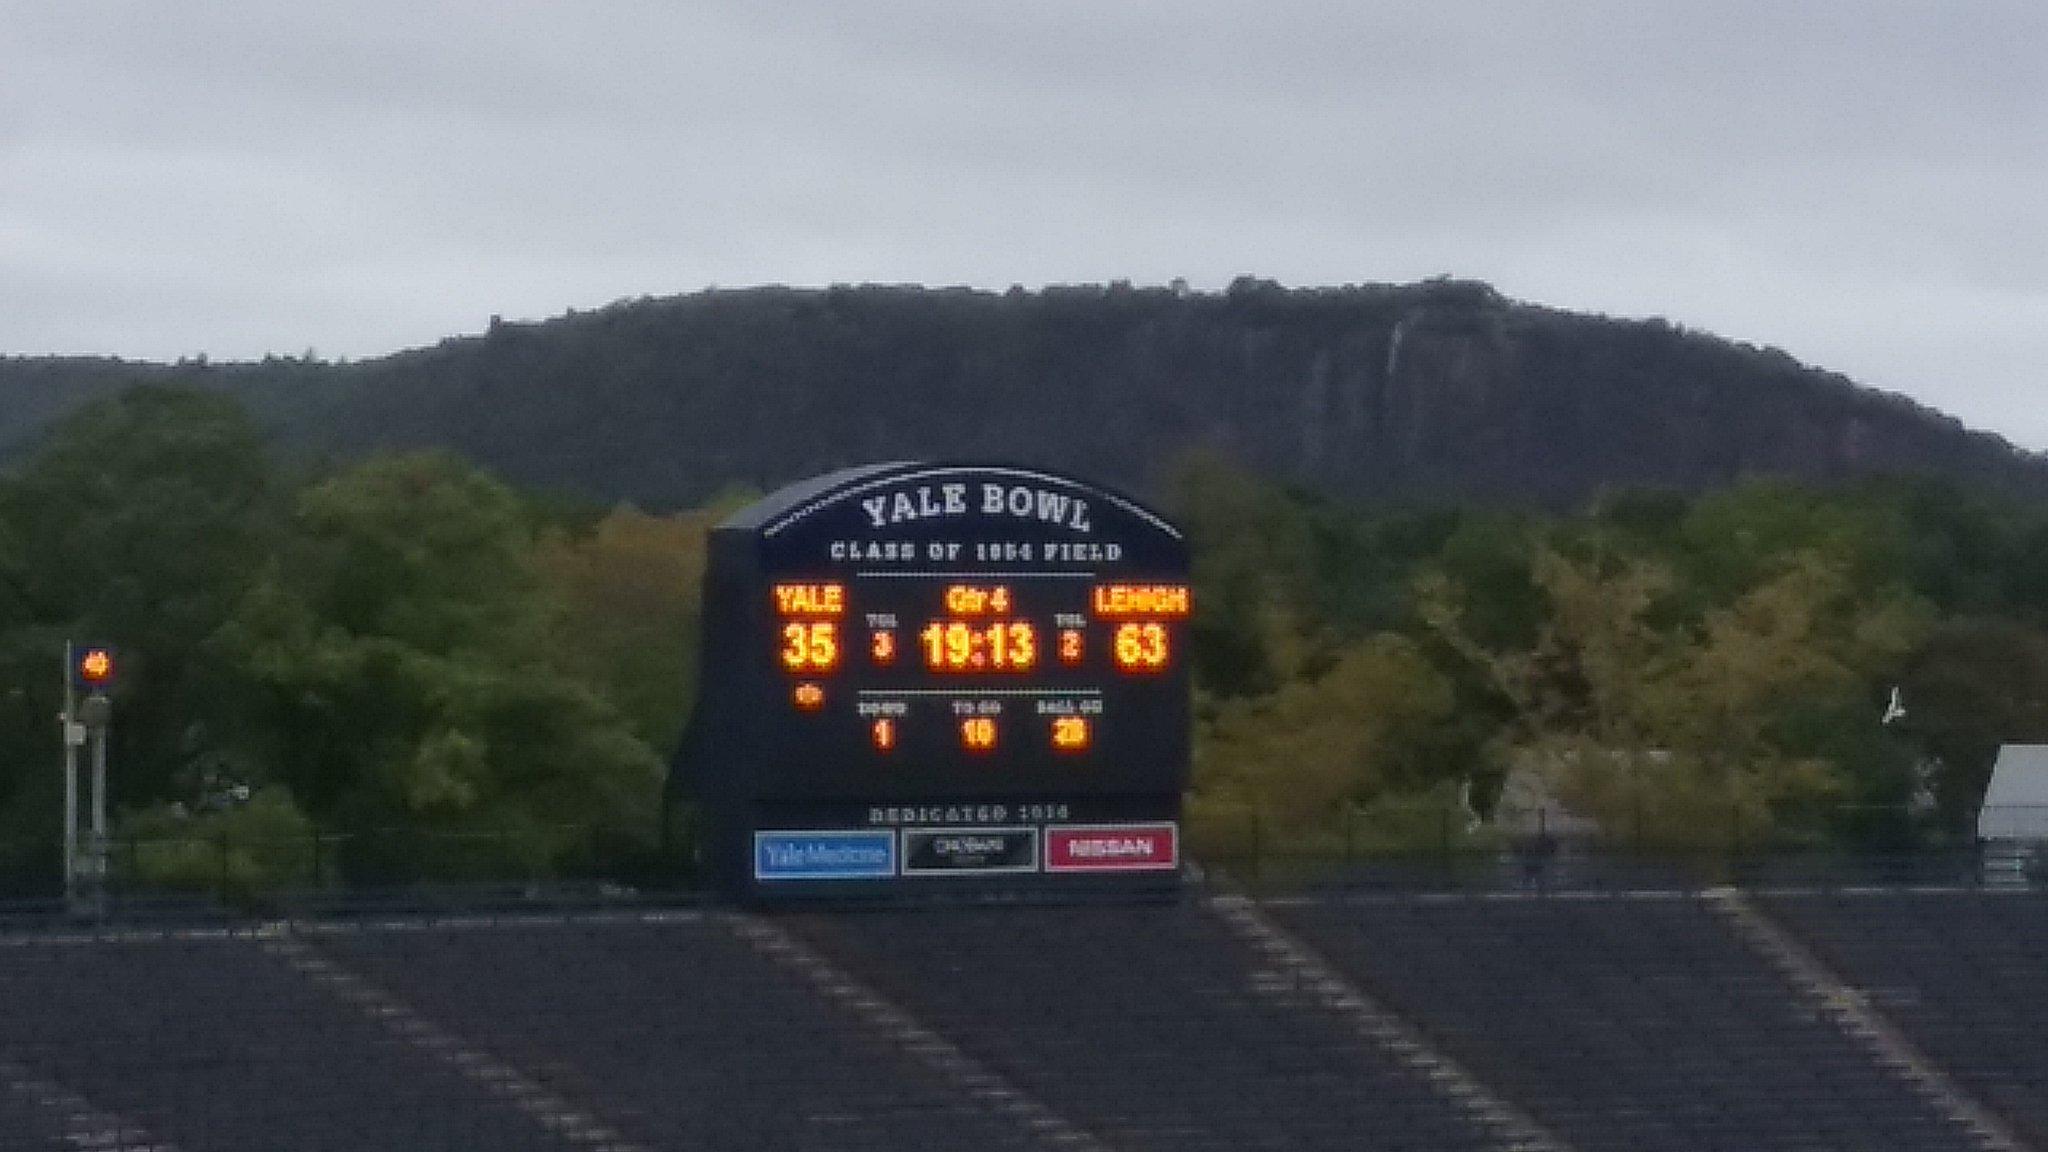 QUICK RECAP: Record-Smashing Day At the Yale Bowl As Lehigh Beats Bulldogs 63-35